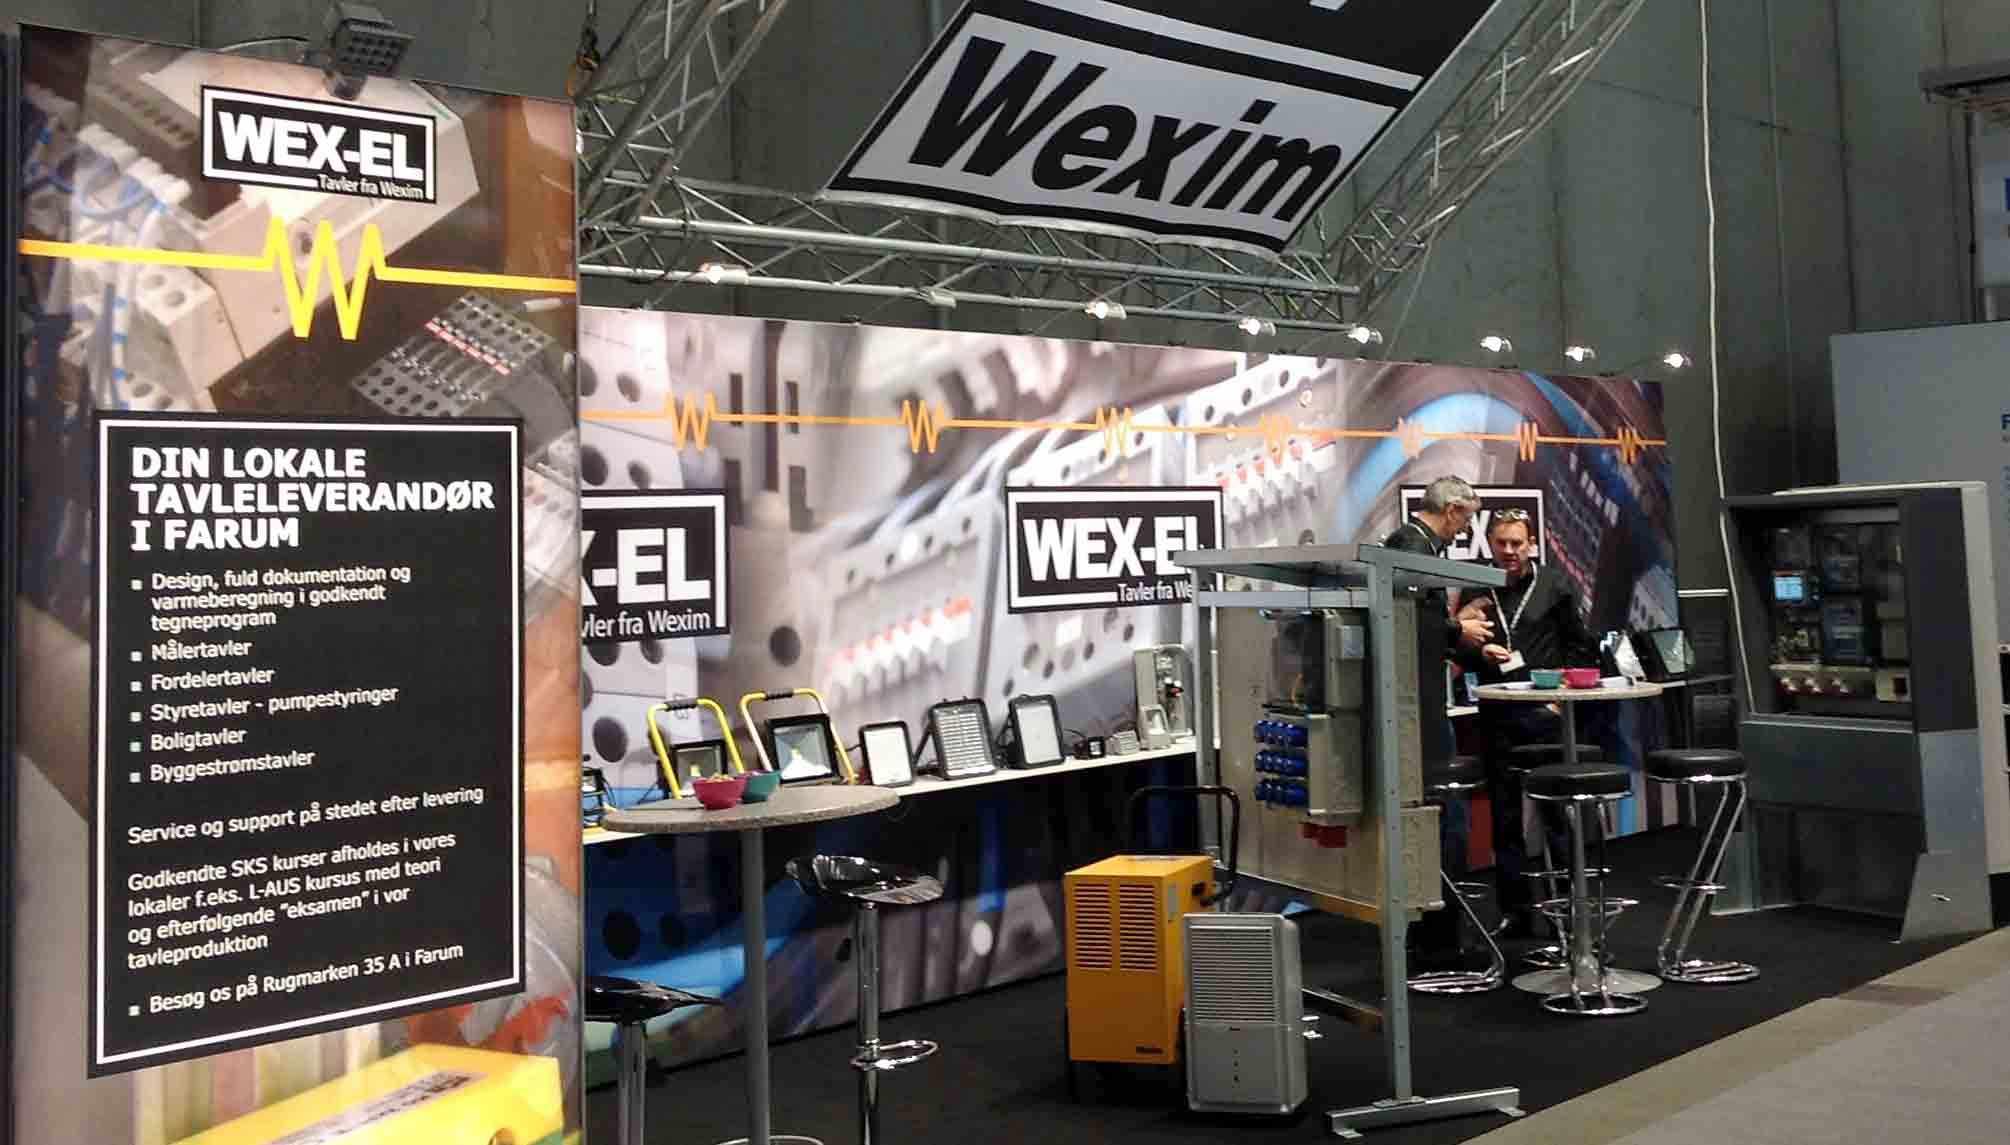 Wexim stand - Eltech 2012